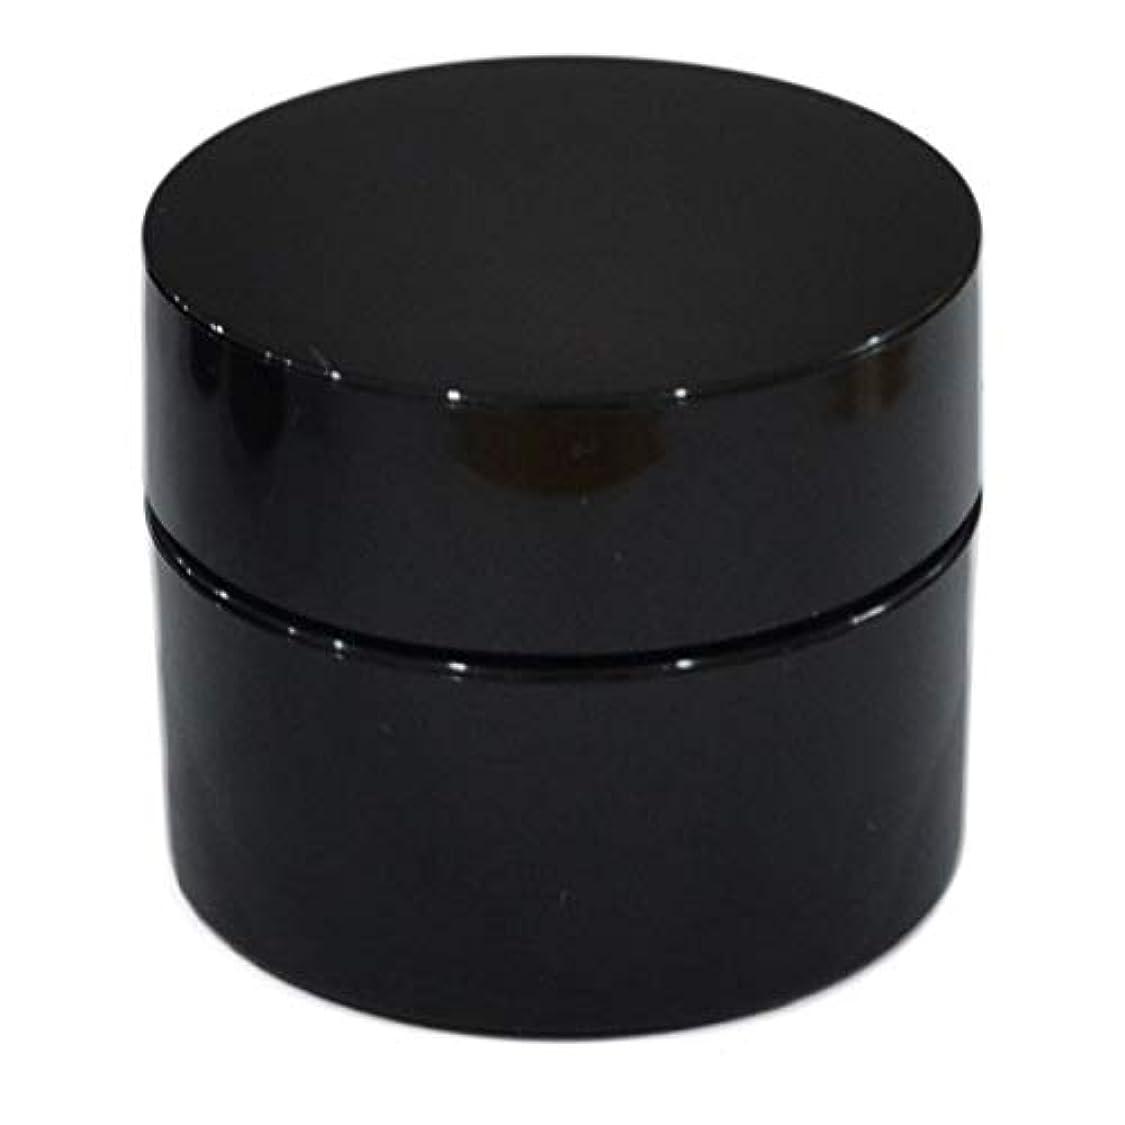 明示的にしっとり追跡純国産ネイルジェル用コンテナ 10g用GA10g 漏れ防止パッキン&ブラシプレート付容器 ジェルを無駄なく使える底面傾斜あり 遮光 黒 ブラック